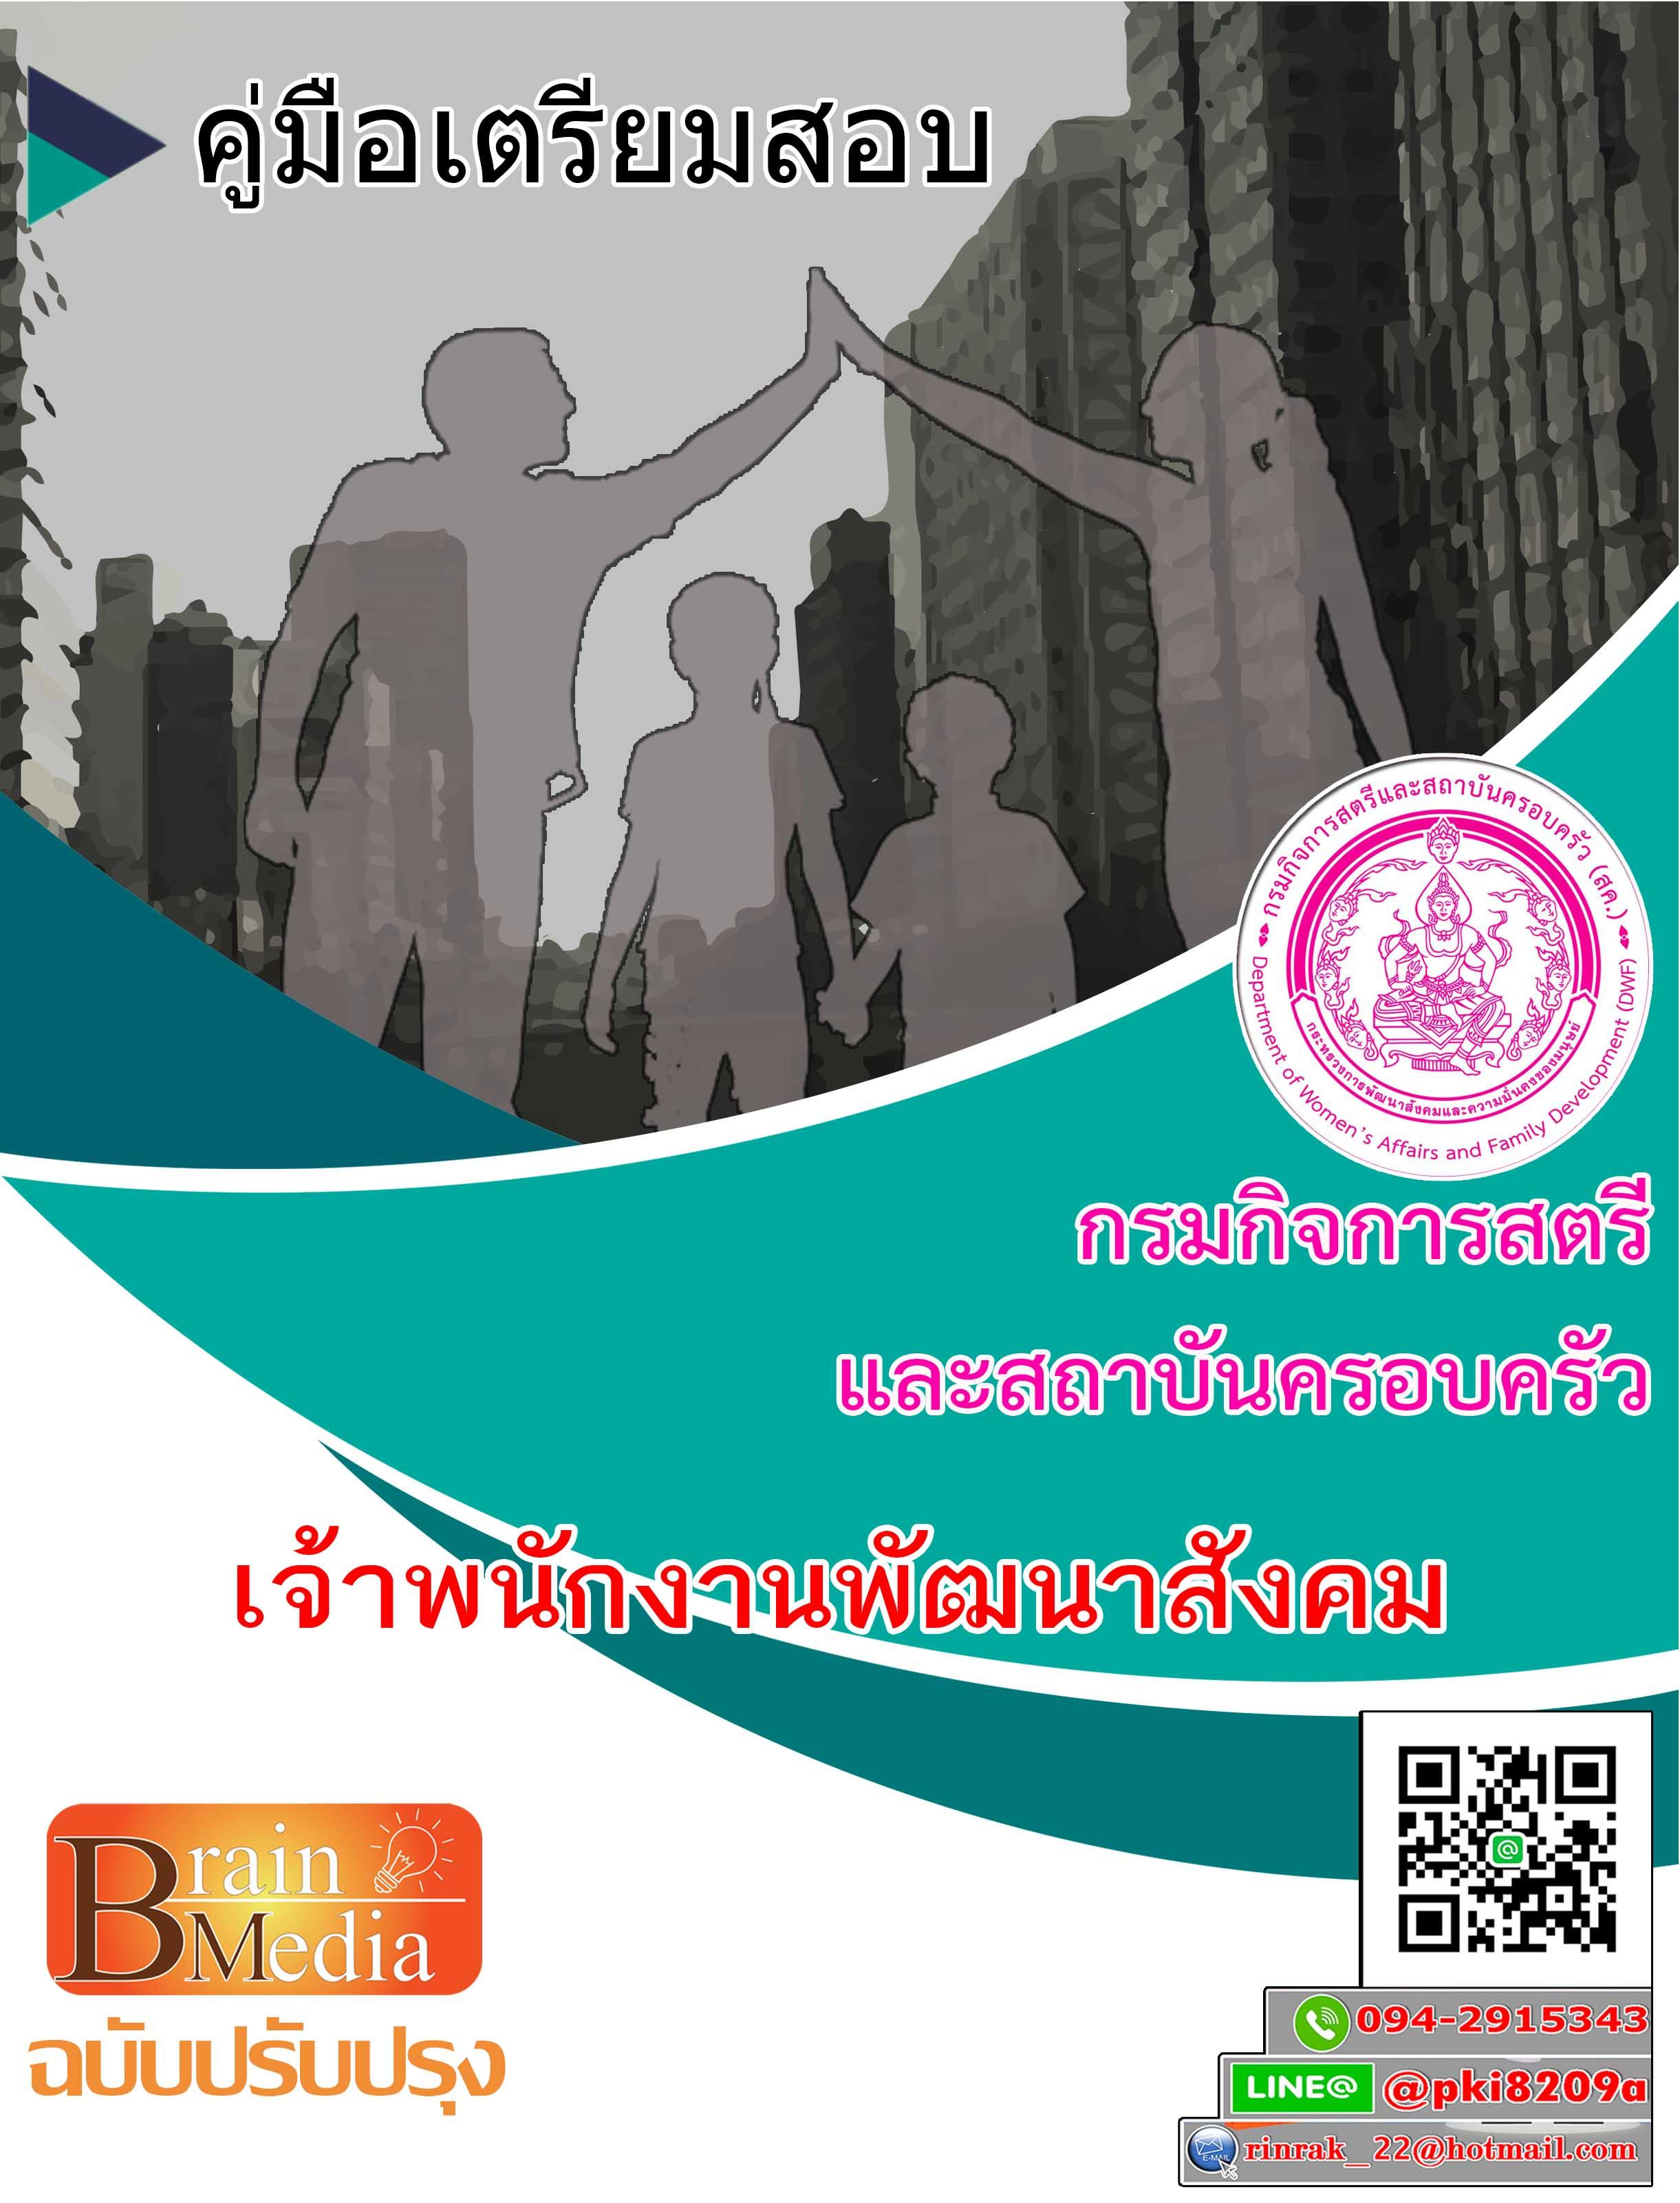 แนวข้อสอบ เจ้าพนักงานพัฒนาสังคม กรมกิจการสตรีและสถาบันครอบครัว